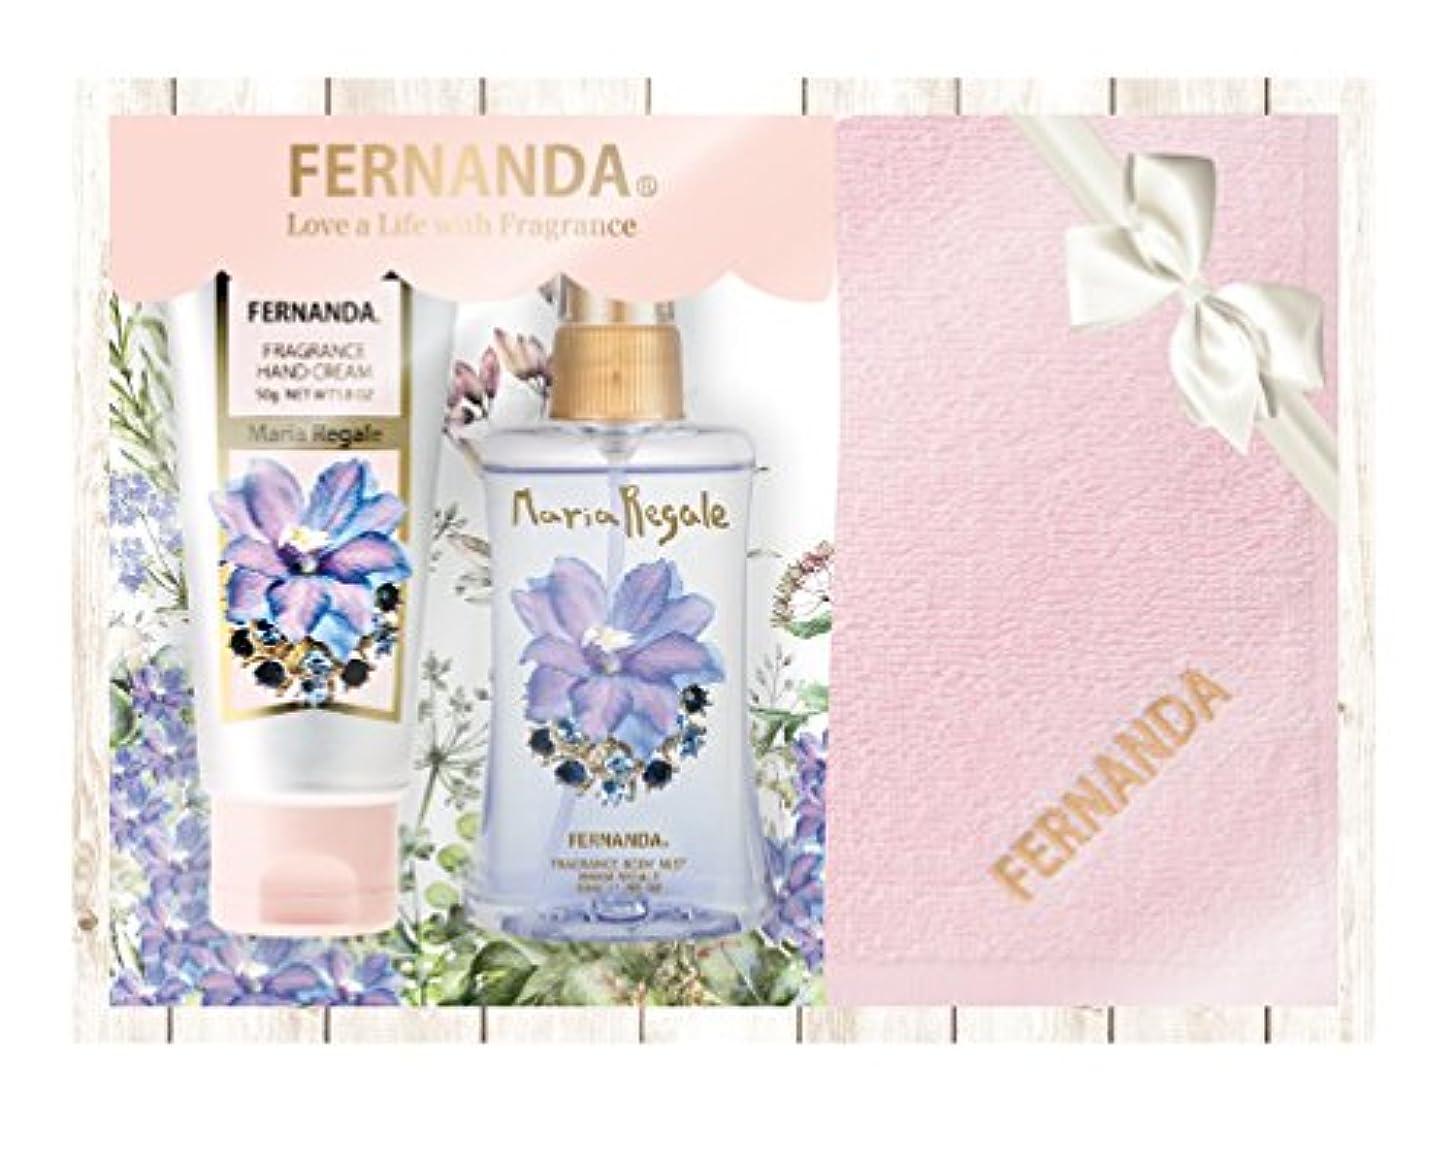 豊かな死傷者球体FERNANDA(フェルナンダ)Mini Mist & Hand Cream Special Gift Maria Regale (ミニミスト&ハンドクリームスペシャルギフト マリアリゲル)